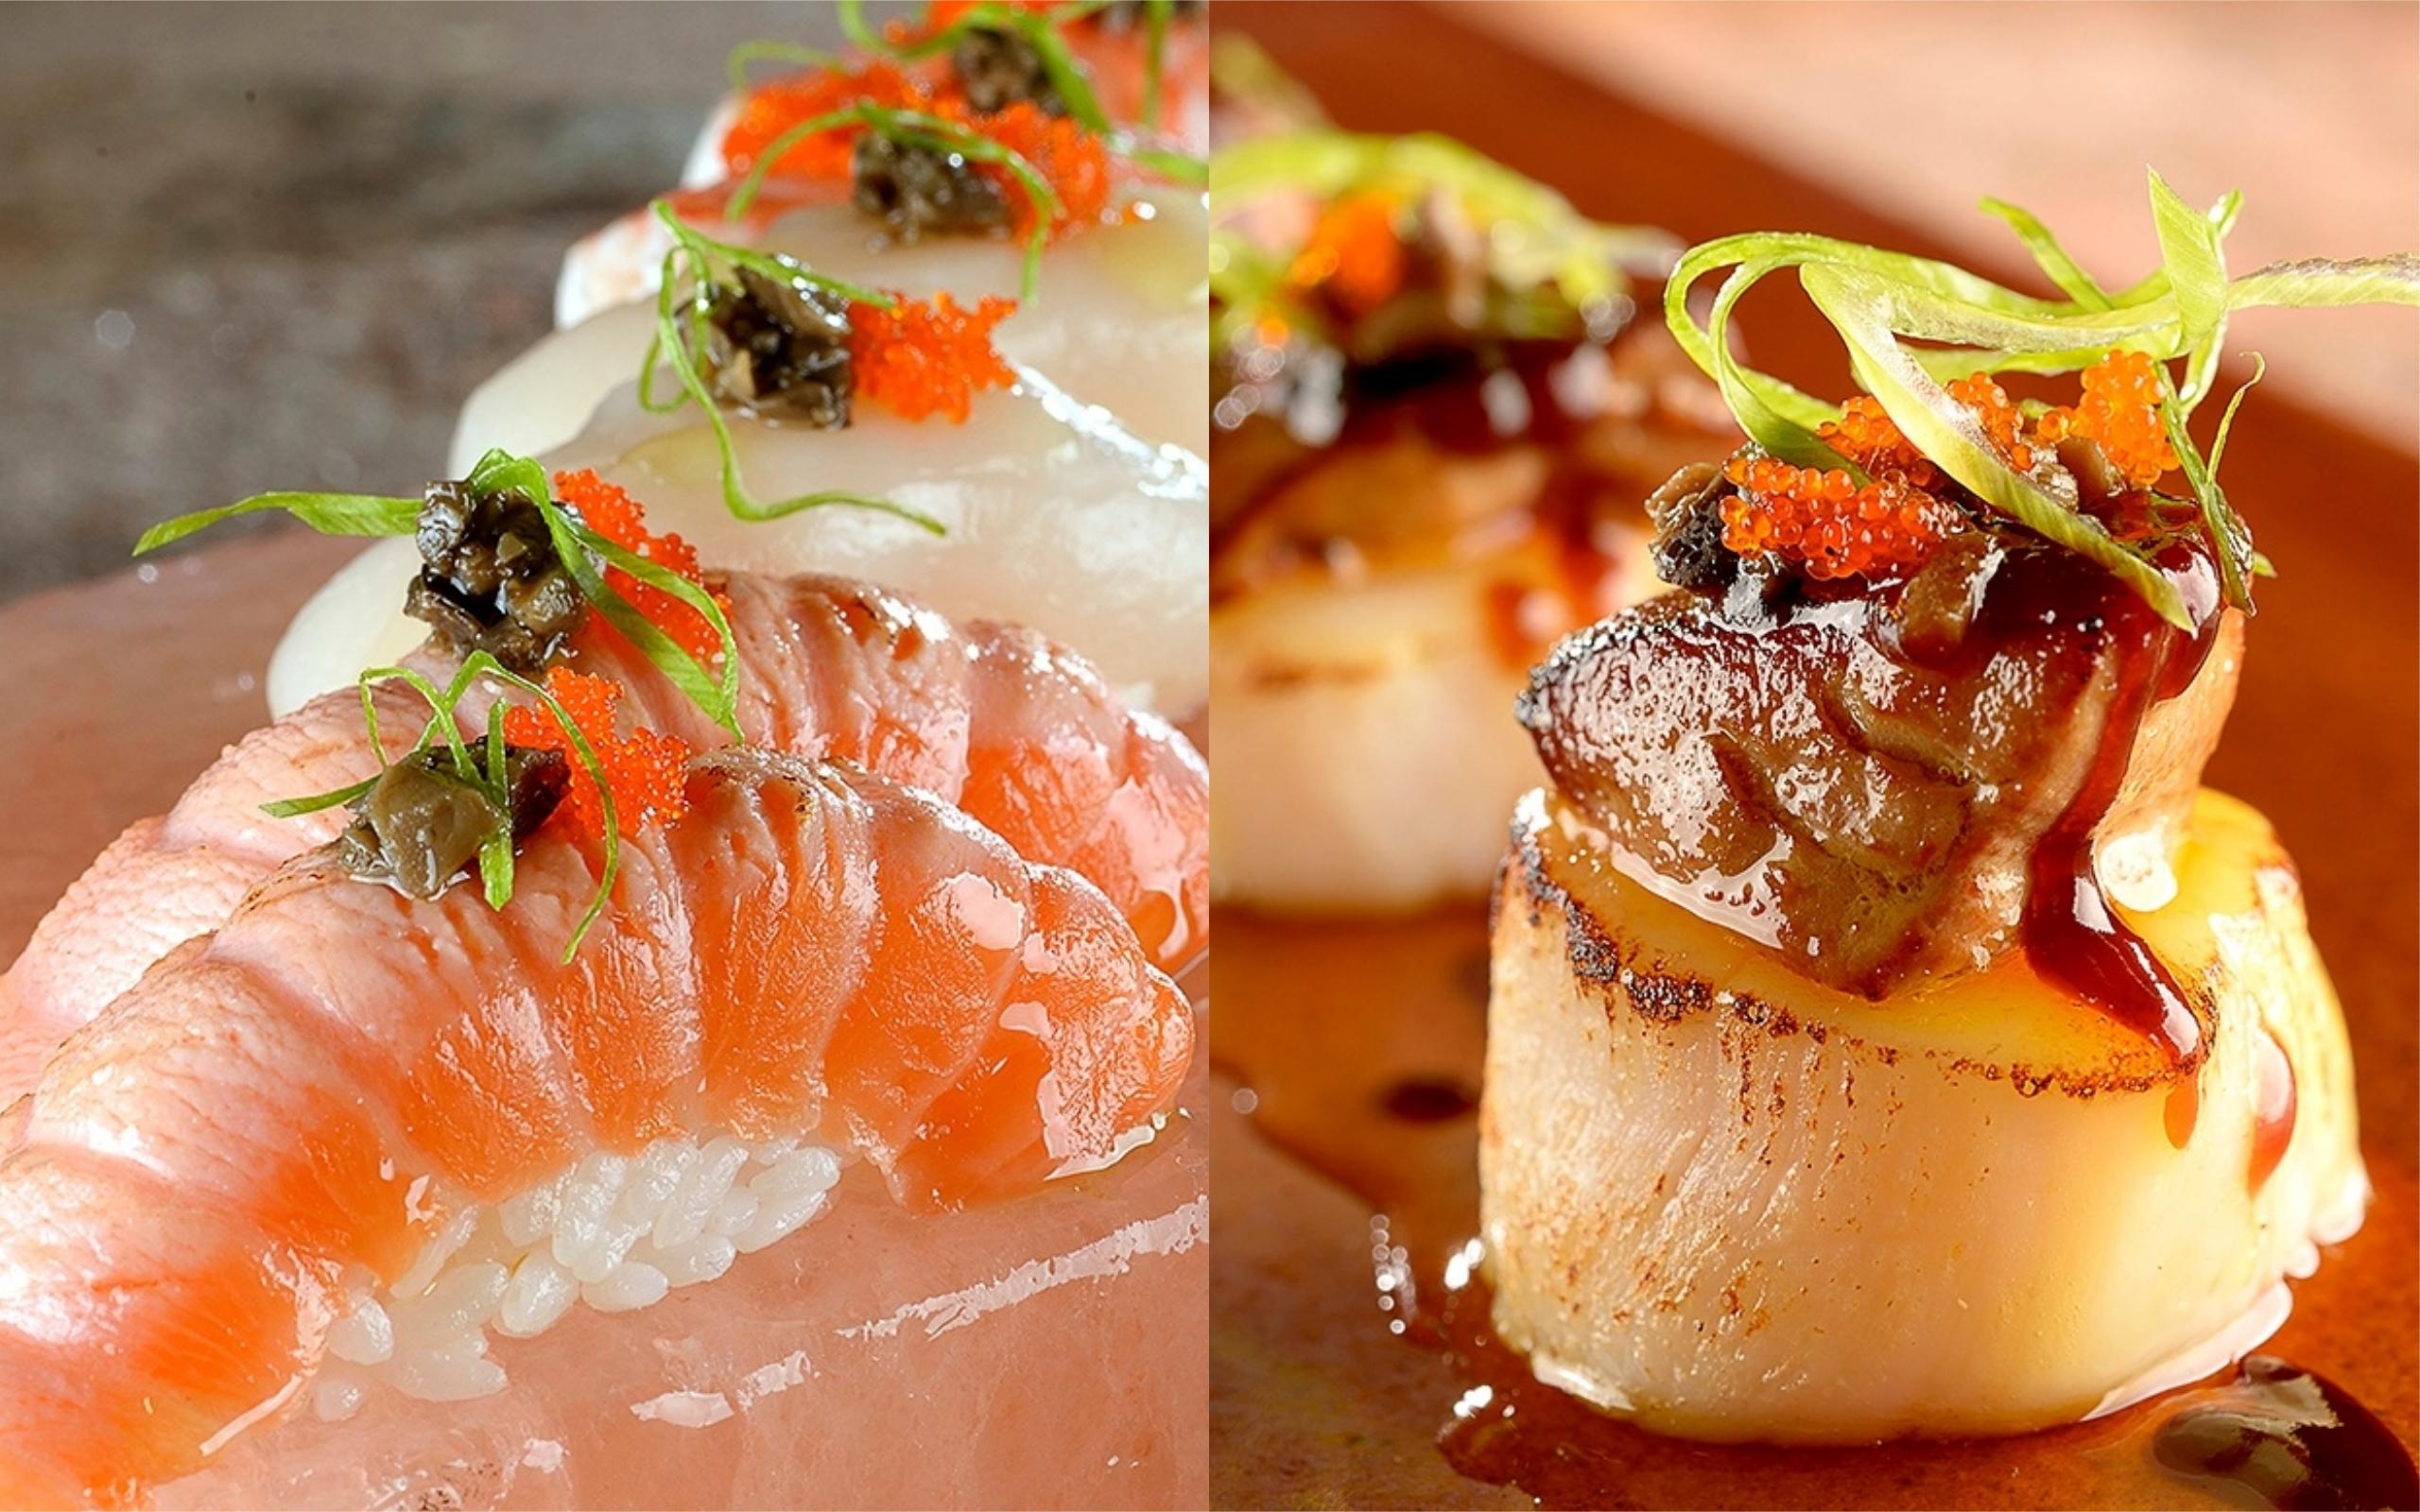 Restaurante de gastronomia oriental será inaugurado em Goiânia